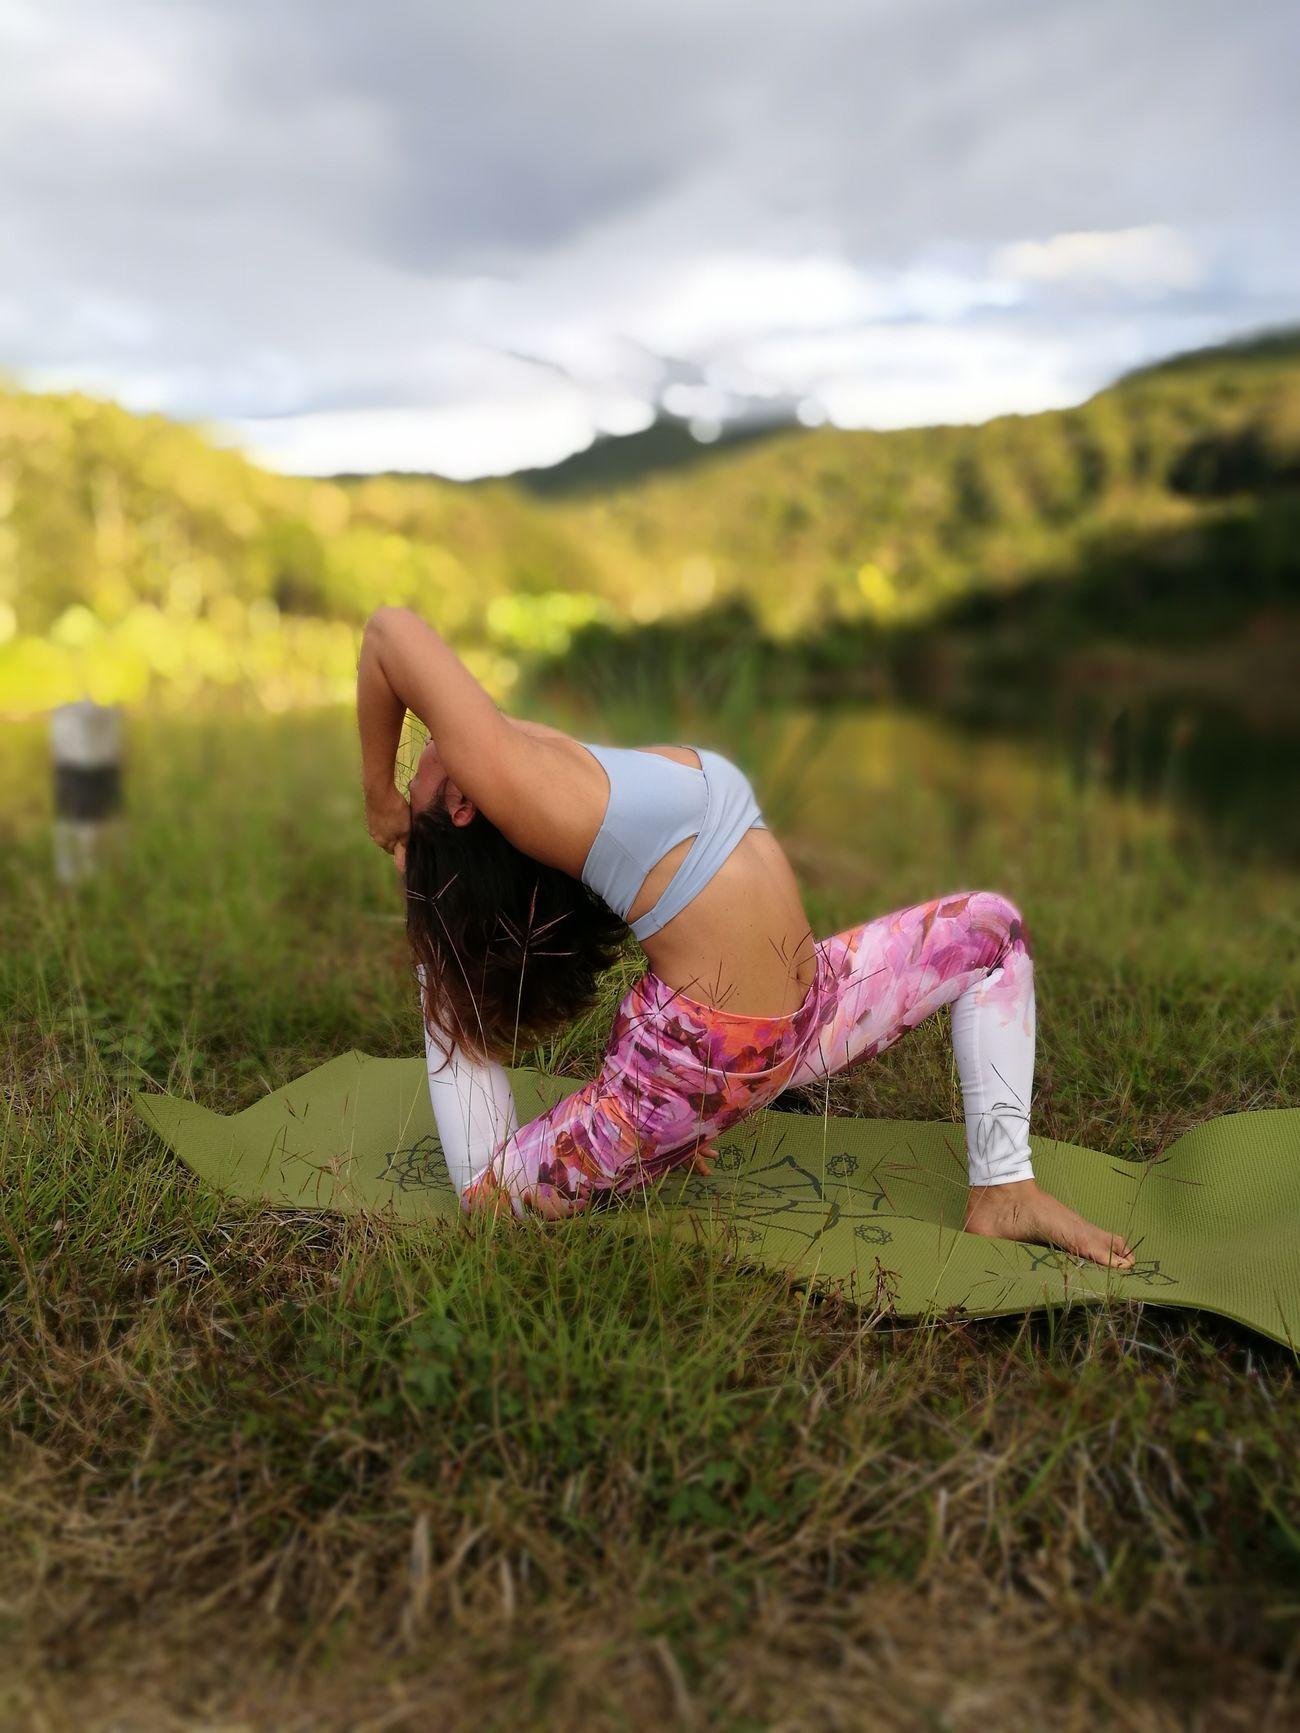 Yoga Yogainspiration Yogaeverywhere Yogaeveryday Yogapractice Yogagirl Yogatime Yogini Yogalove Yogaeverydamnday Yoga Pose Leisure Activity Nature Chiang Rai, Thailand Chiang Rai